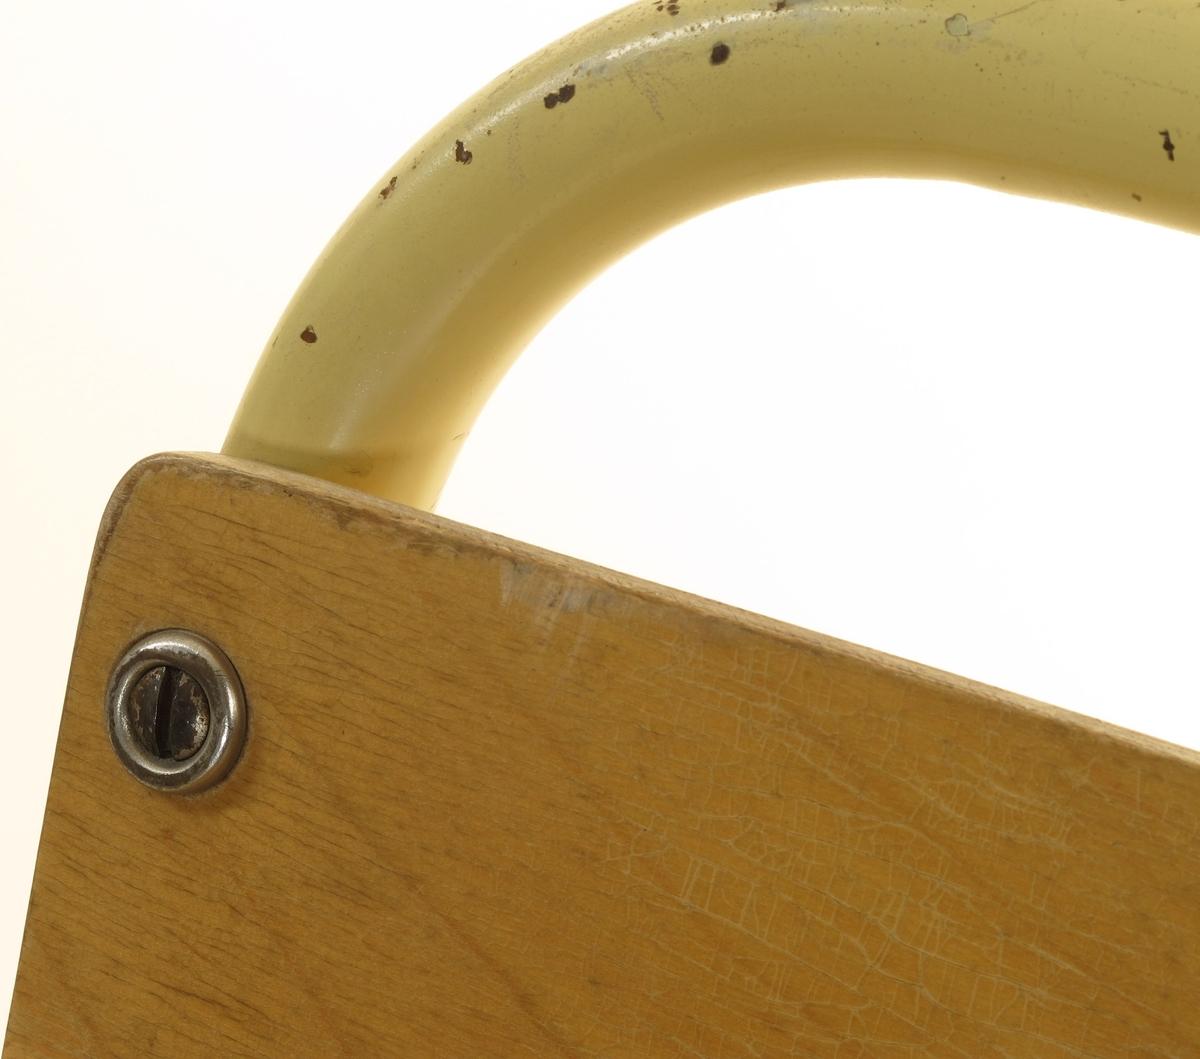 Ramme av stålrør, sveiset sammen. Sete og ryggbrett av knyssfiner. Formet slik at mange stoler av denne type kan stables på hverandre.